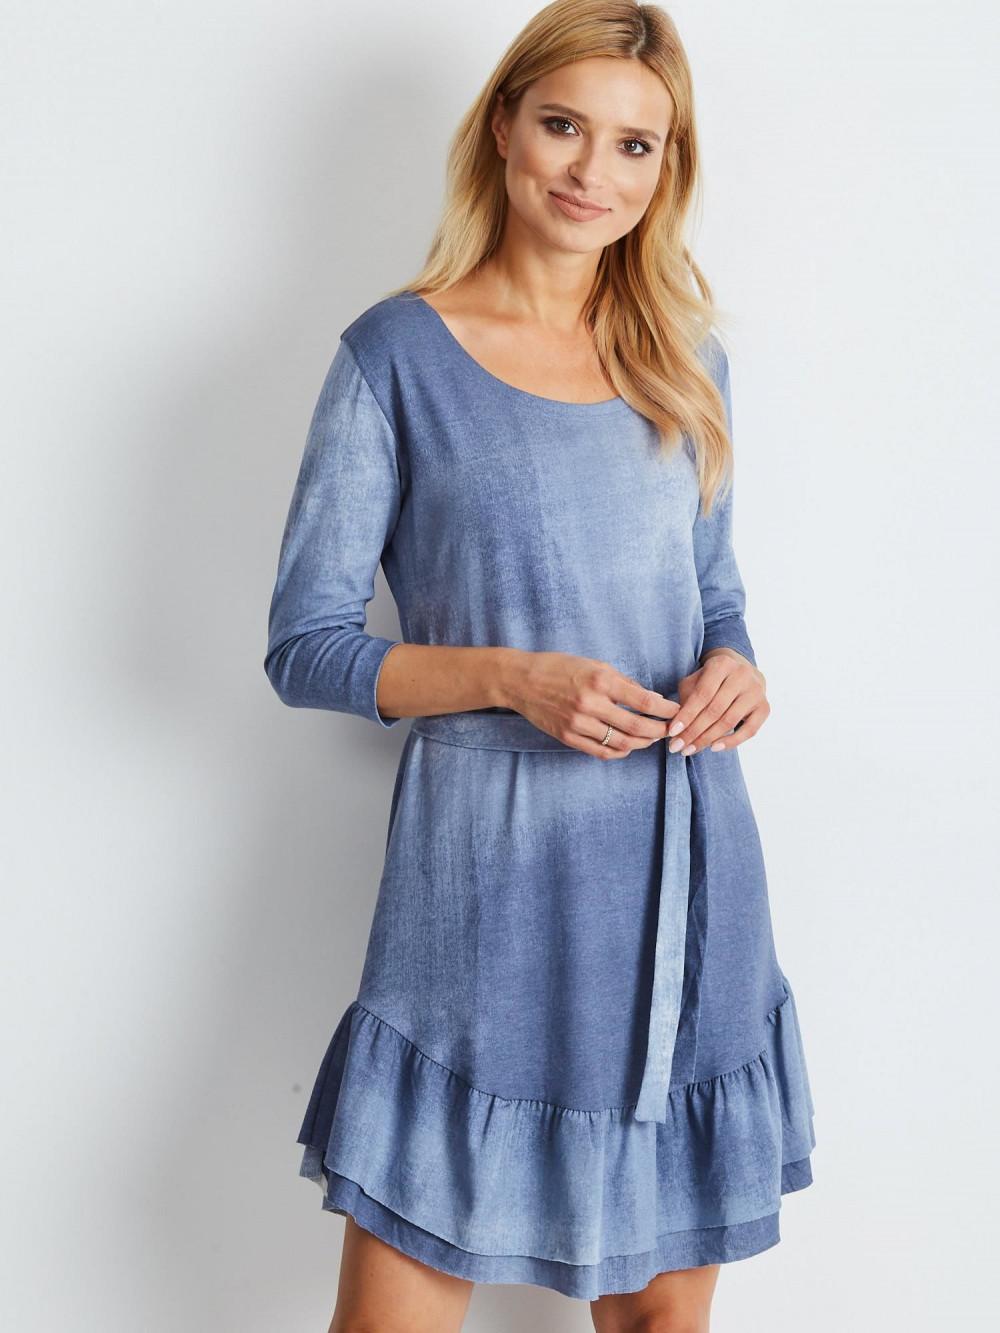 Niebieska sukienka rozkloszowana z falbanką Ermont 4